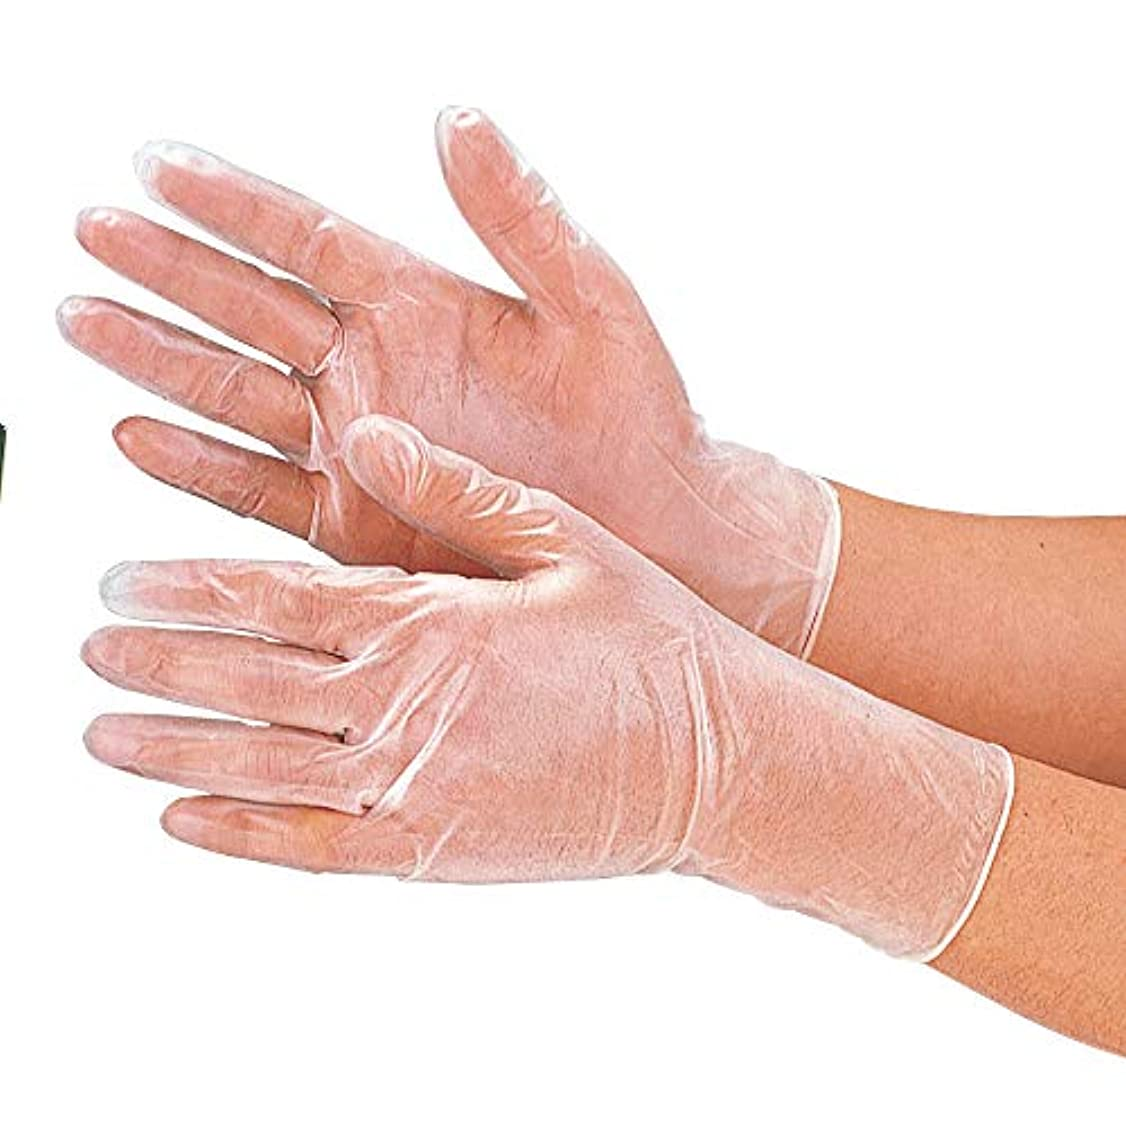 しっかりびっくり応援するおたふく手袋 プラスチックディスポ手袋 100枚入り #255 S/M/L